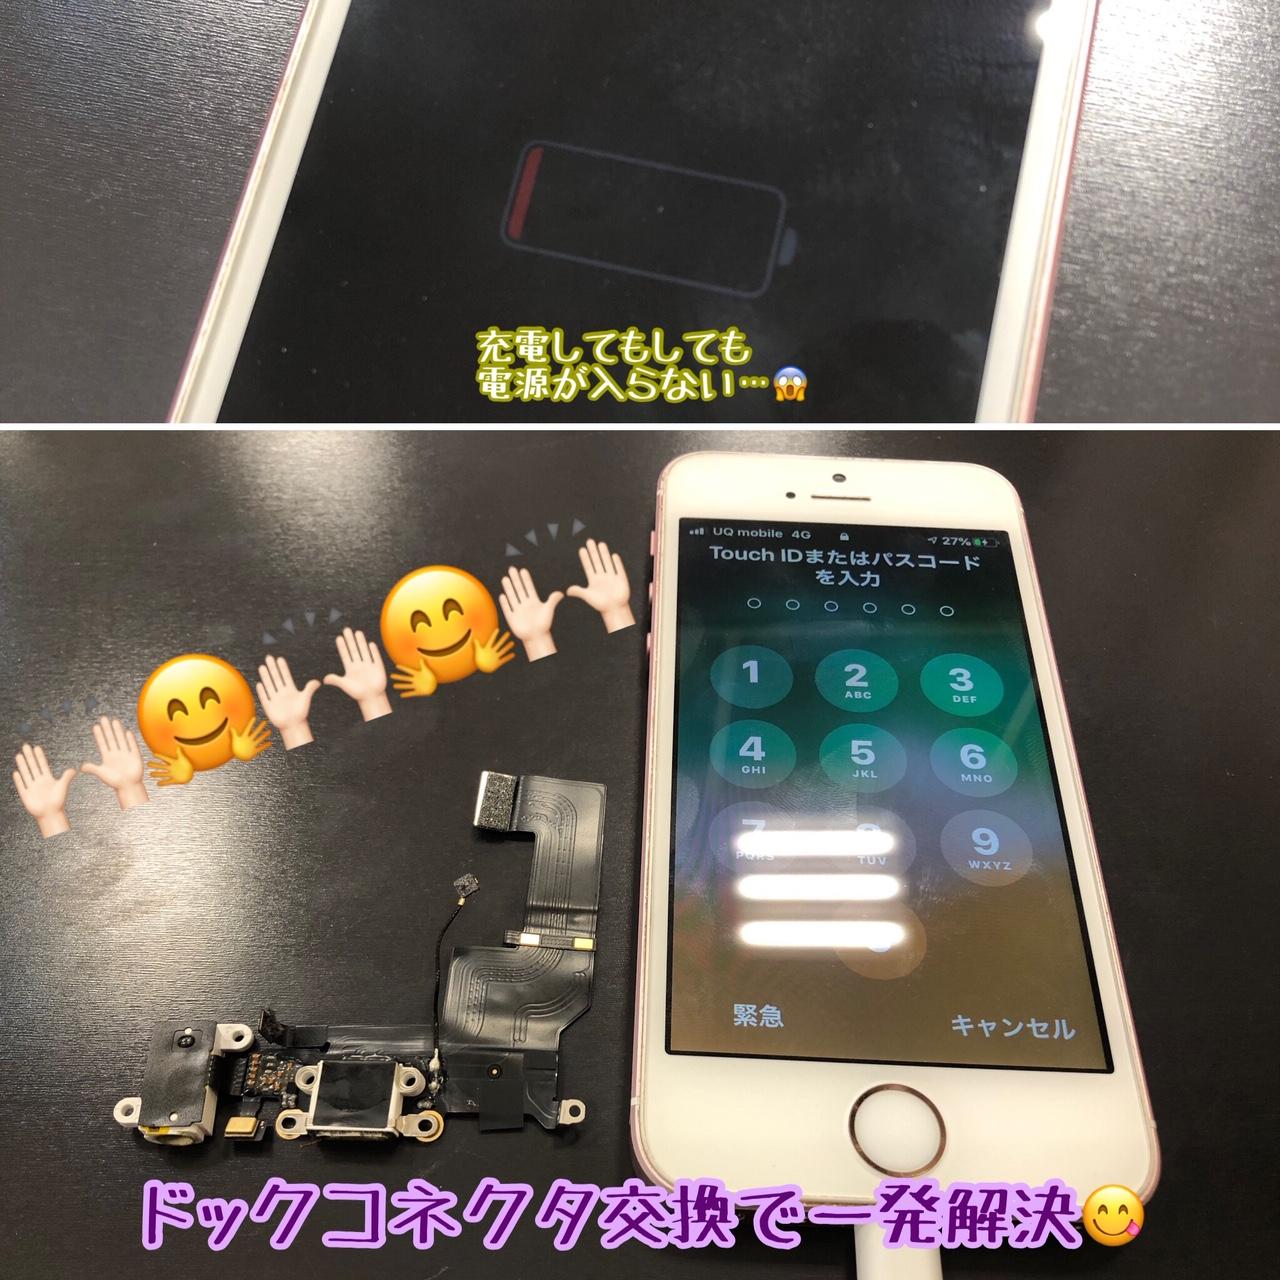 【広島皆実アイホン修理】充電してもしても電源が入ってくれないiPhoneSE…(T_T)原因は?!